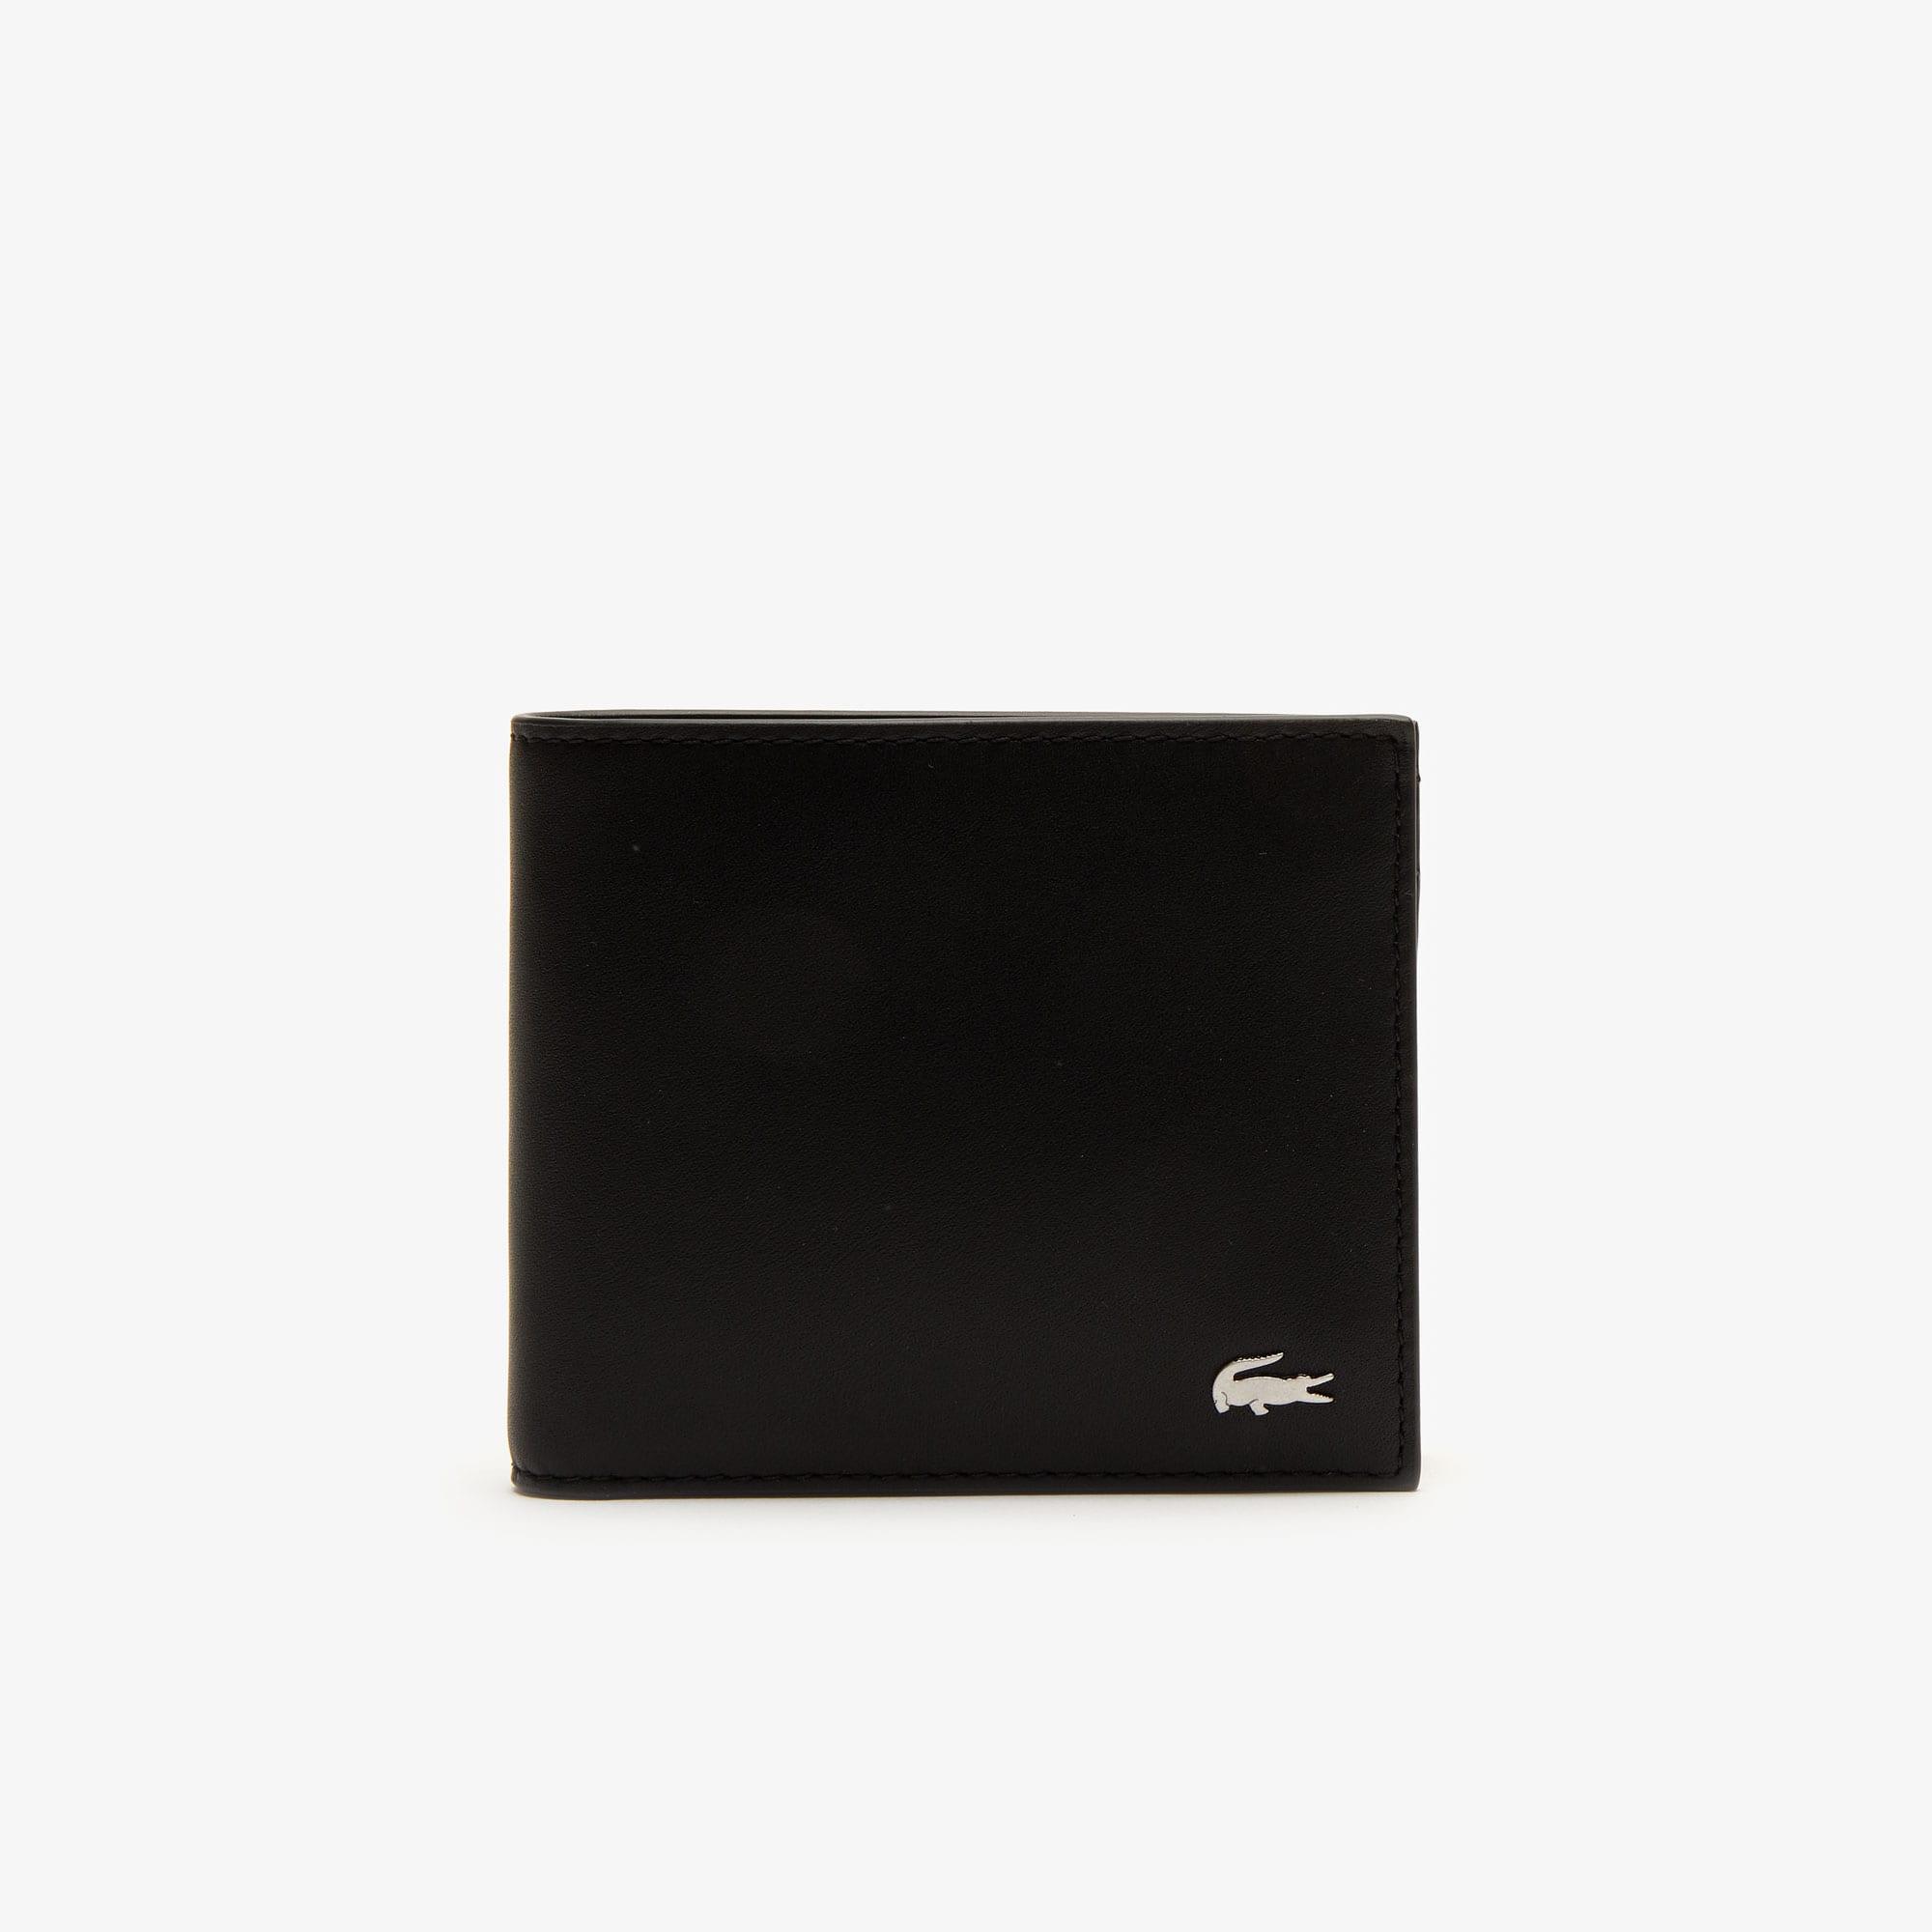 9a25879d14 Coffret portefeuille et porte-cartes Fitzgerald en cuir uni | LACOSTE